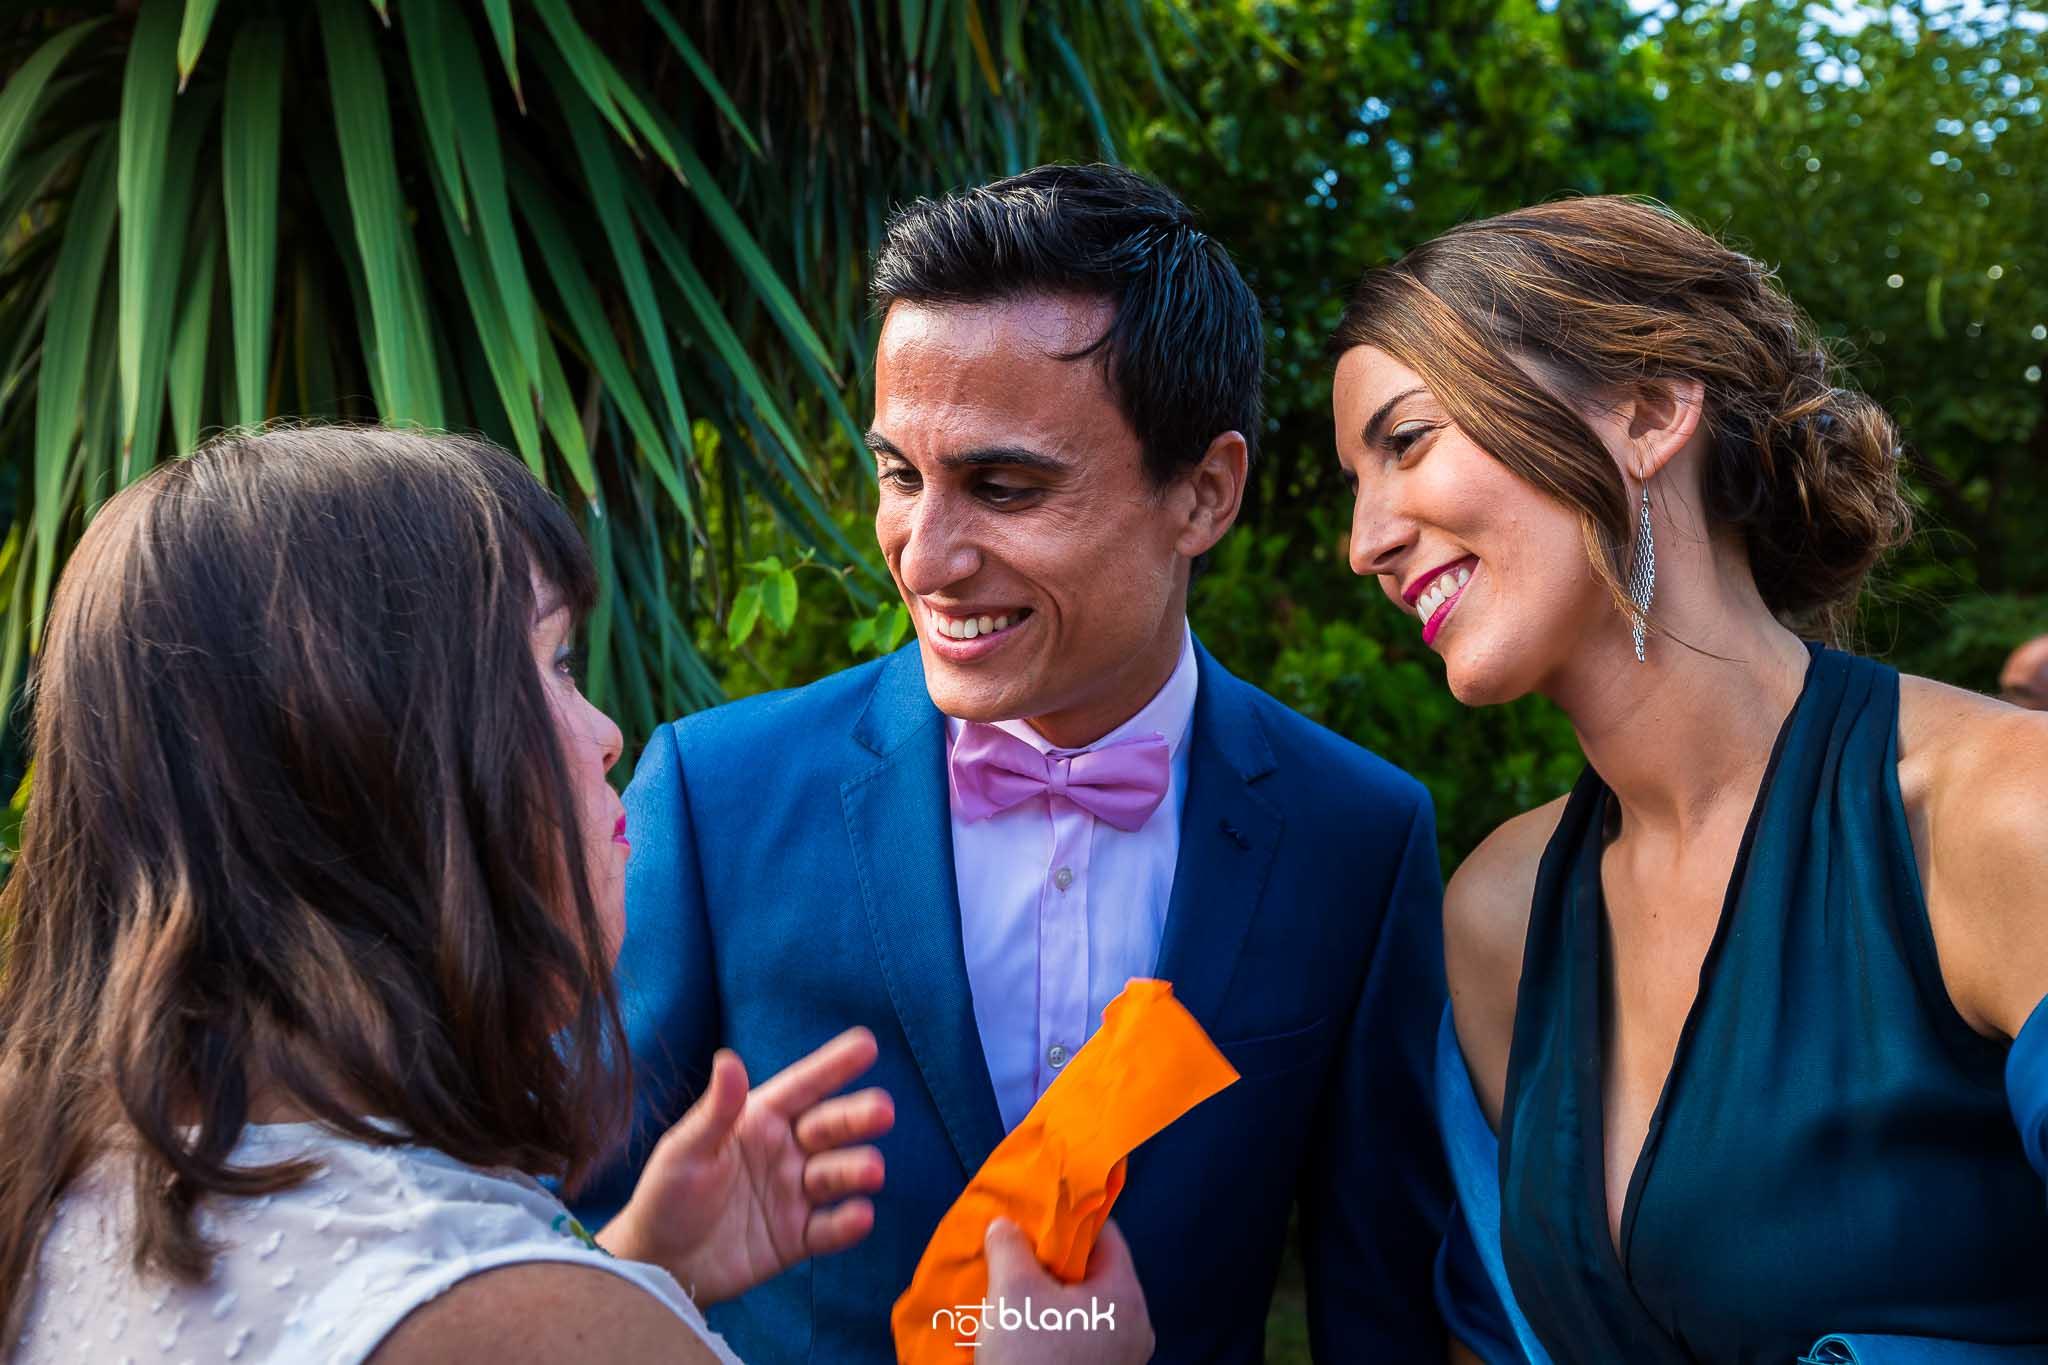 Boda En El Jardin De Casa Jana y Fran - Varios invitados hablan y sonrien - Notblank Fotografos de boda